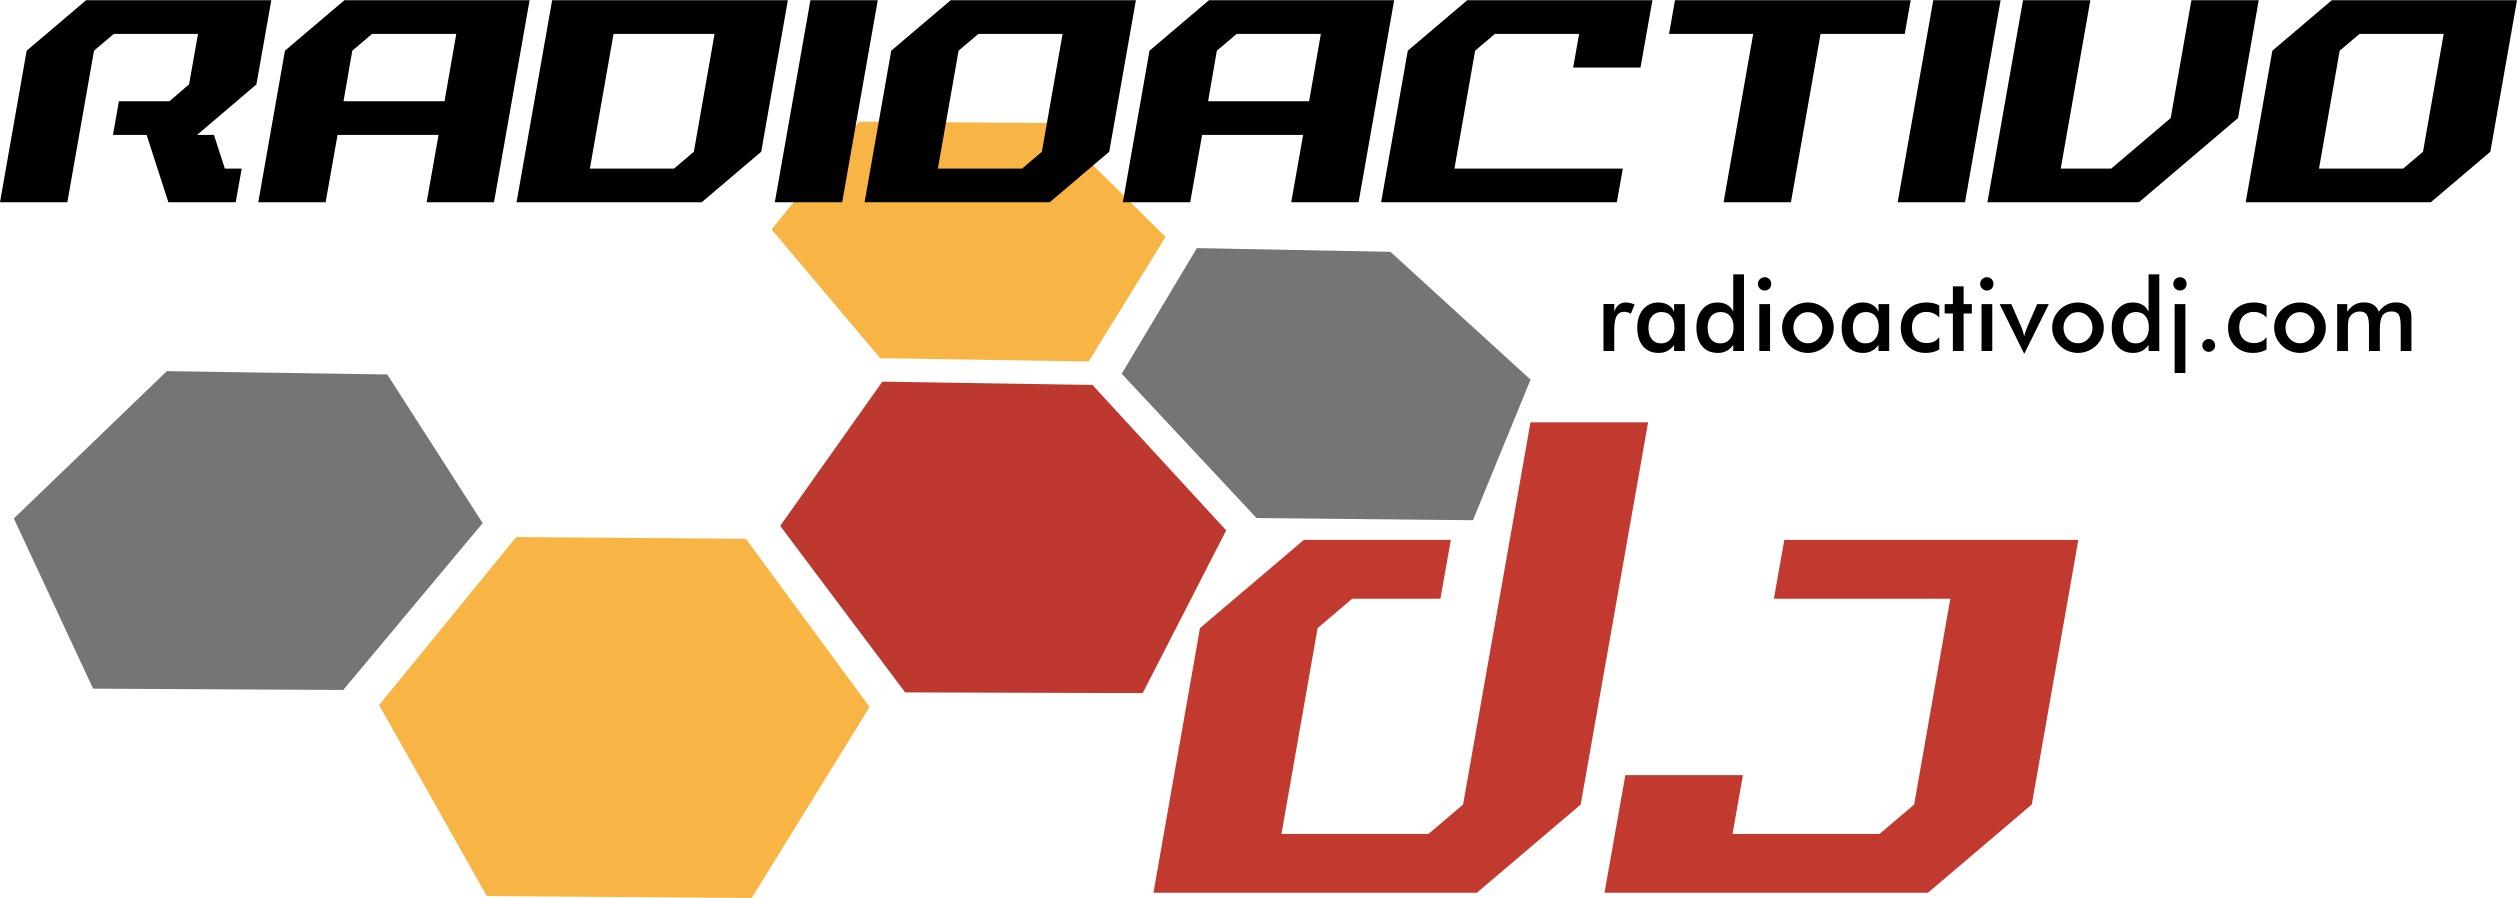 RADIOACTIVO-DJ-TEMPORADA-26